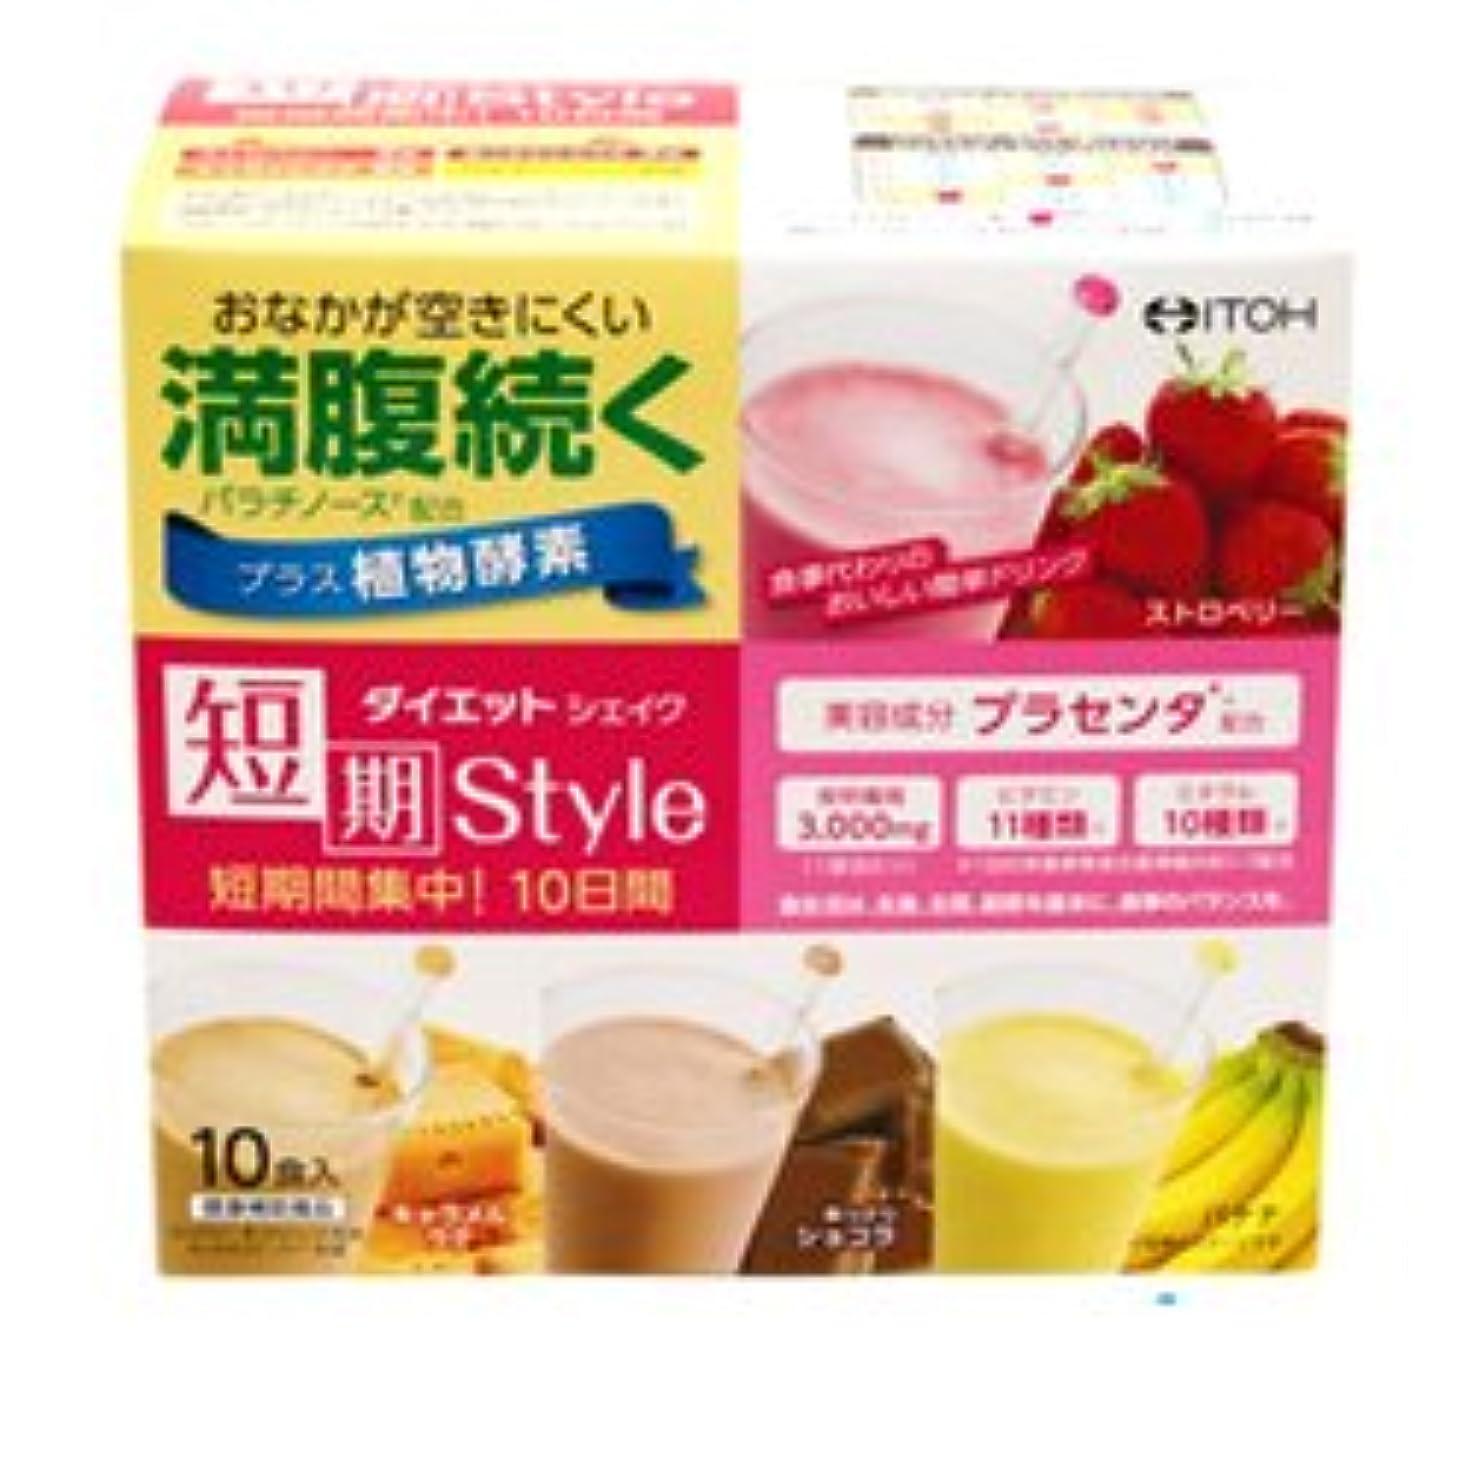 腹土器封筒【井藤漢方製薬】短期スタイル ダイエットシェイク 10包 ×10個セット